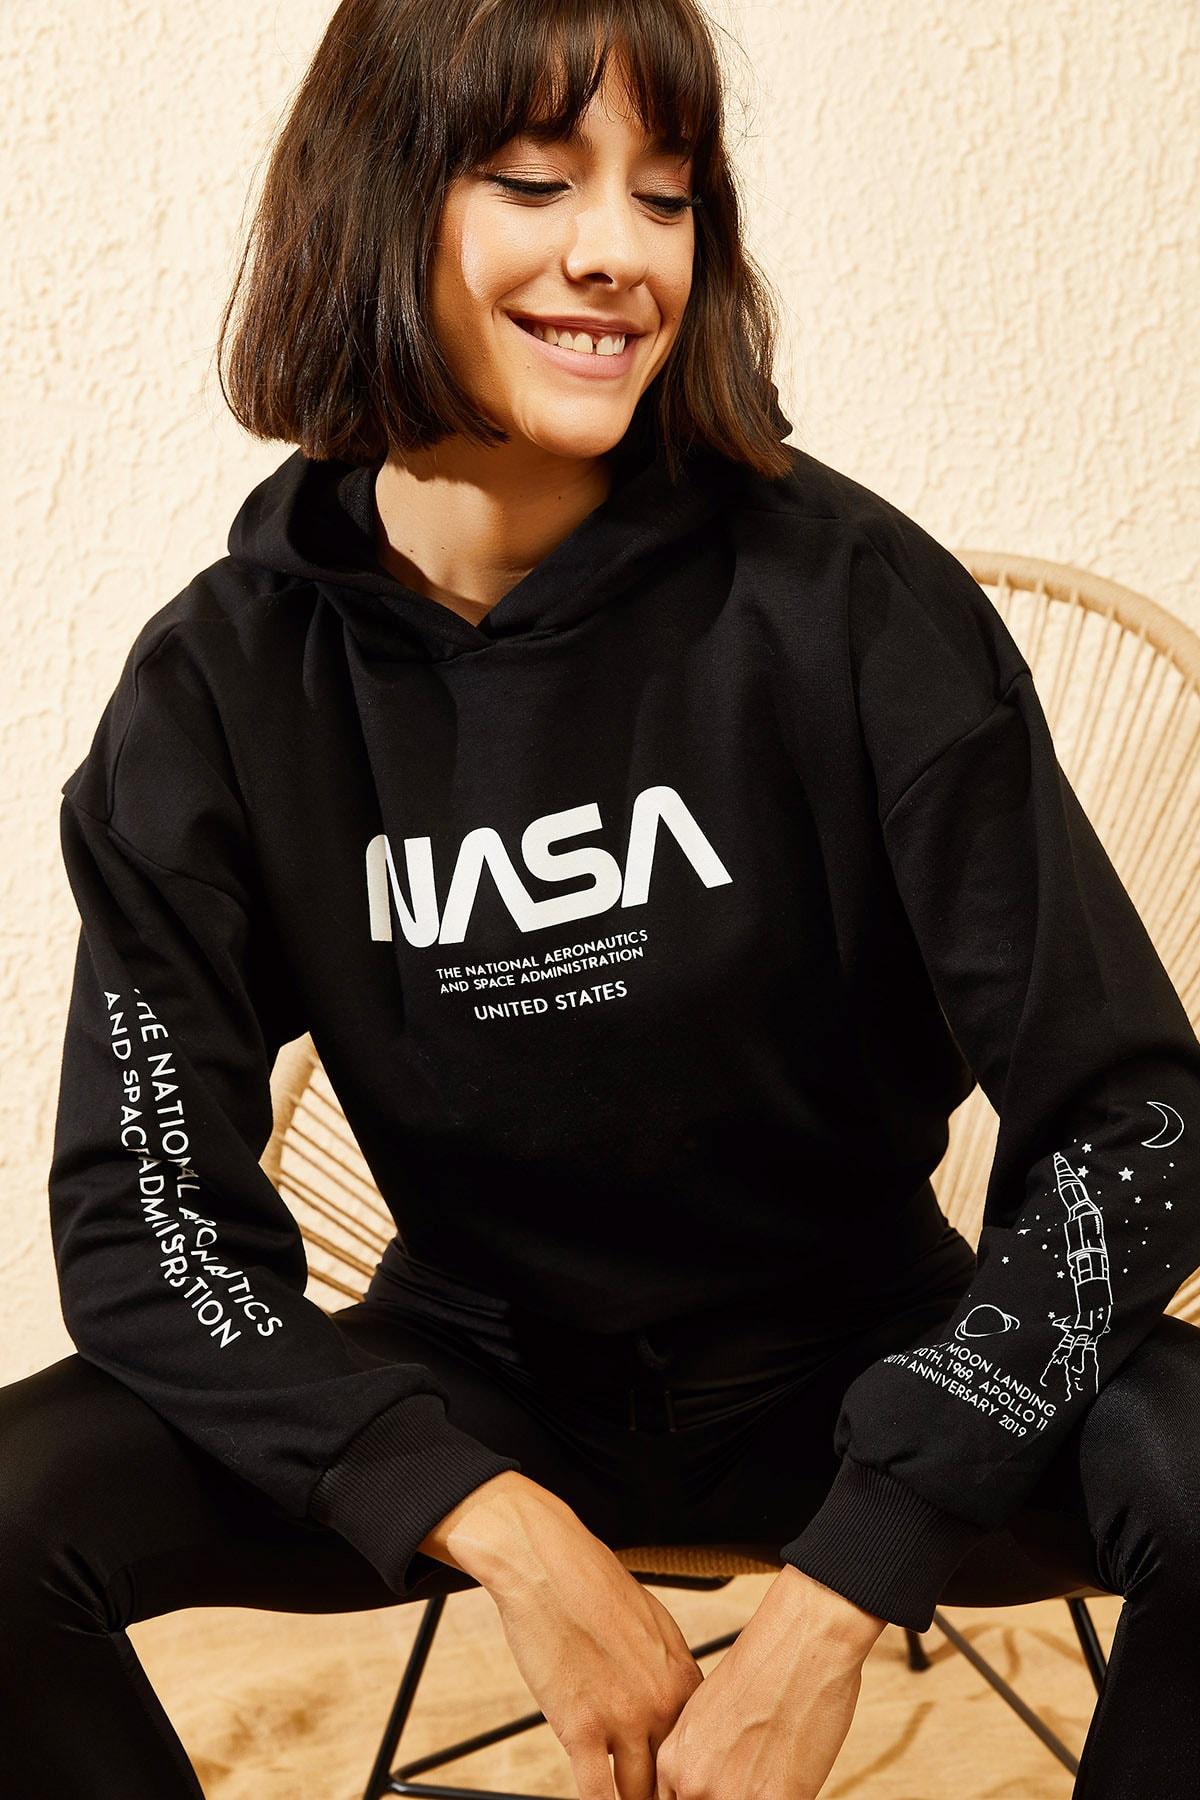 Bianco Lucci Kadın Siyah Kapüşonlu Nasa Baskılı Sweatshirt 10121033